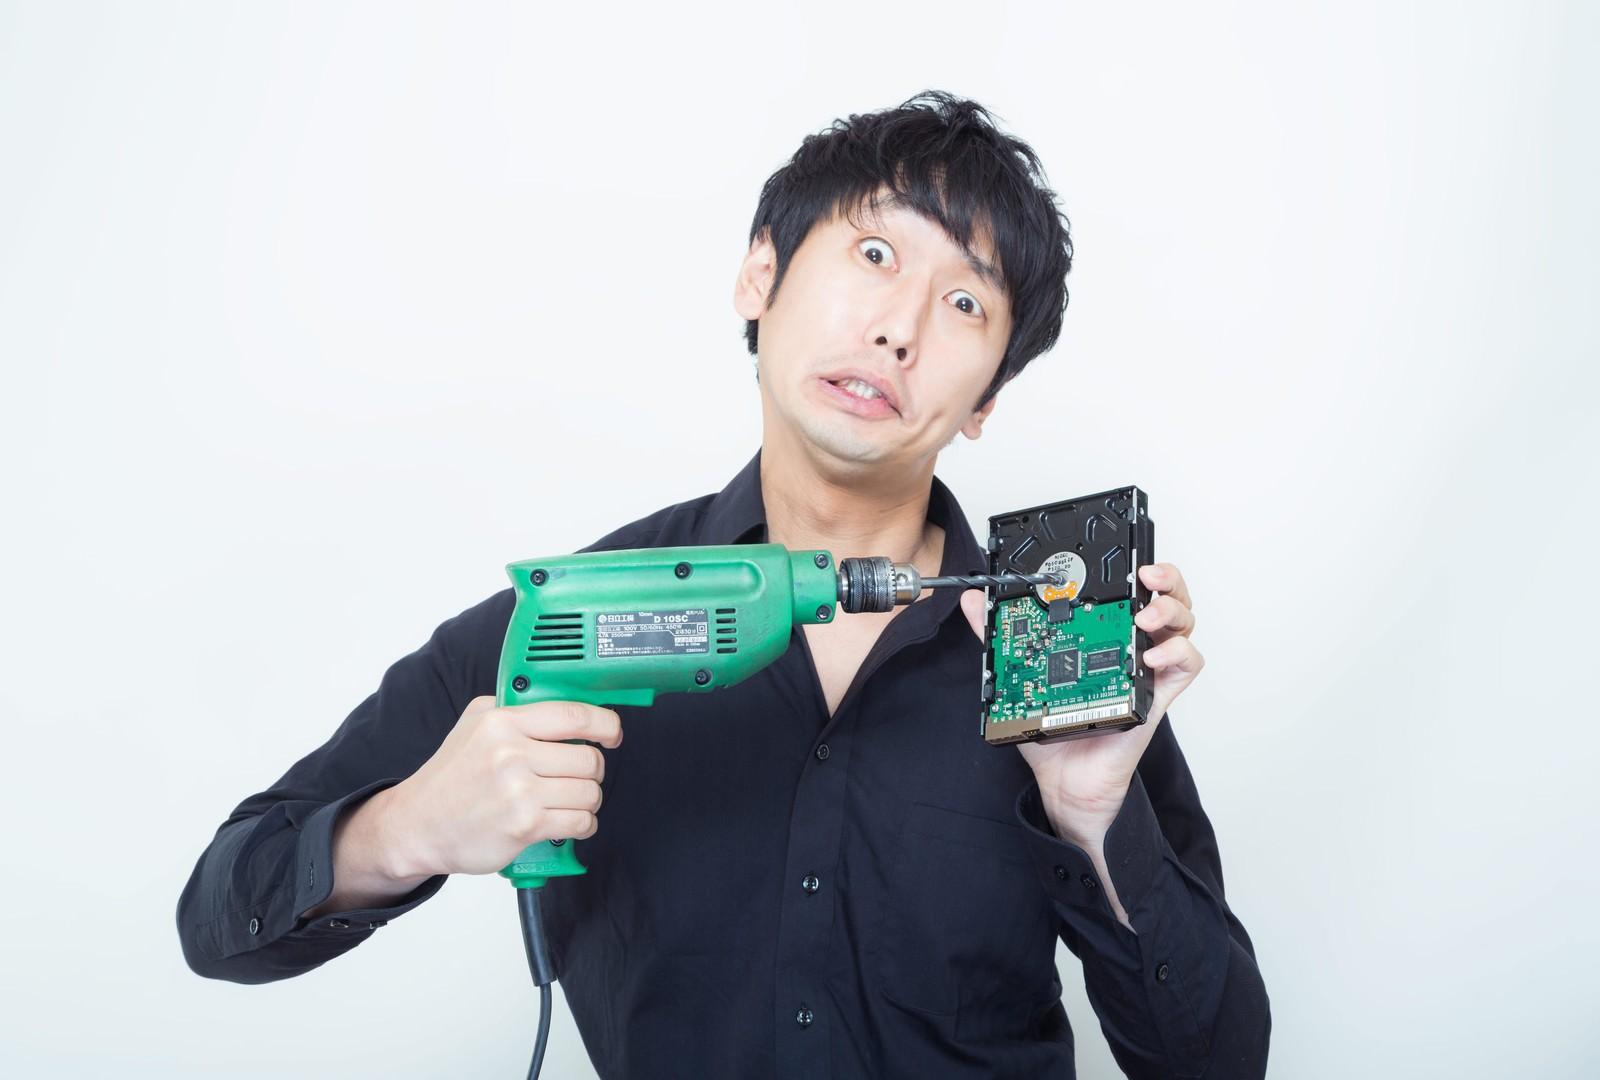 「ドリルでHDDを破壊するのは大変危険です」の写真[モデル:大川竜弥]